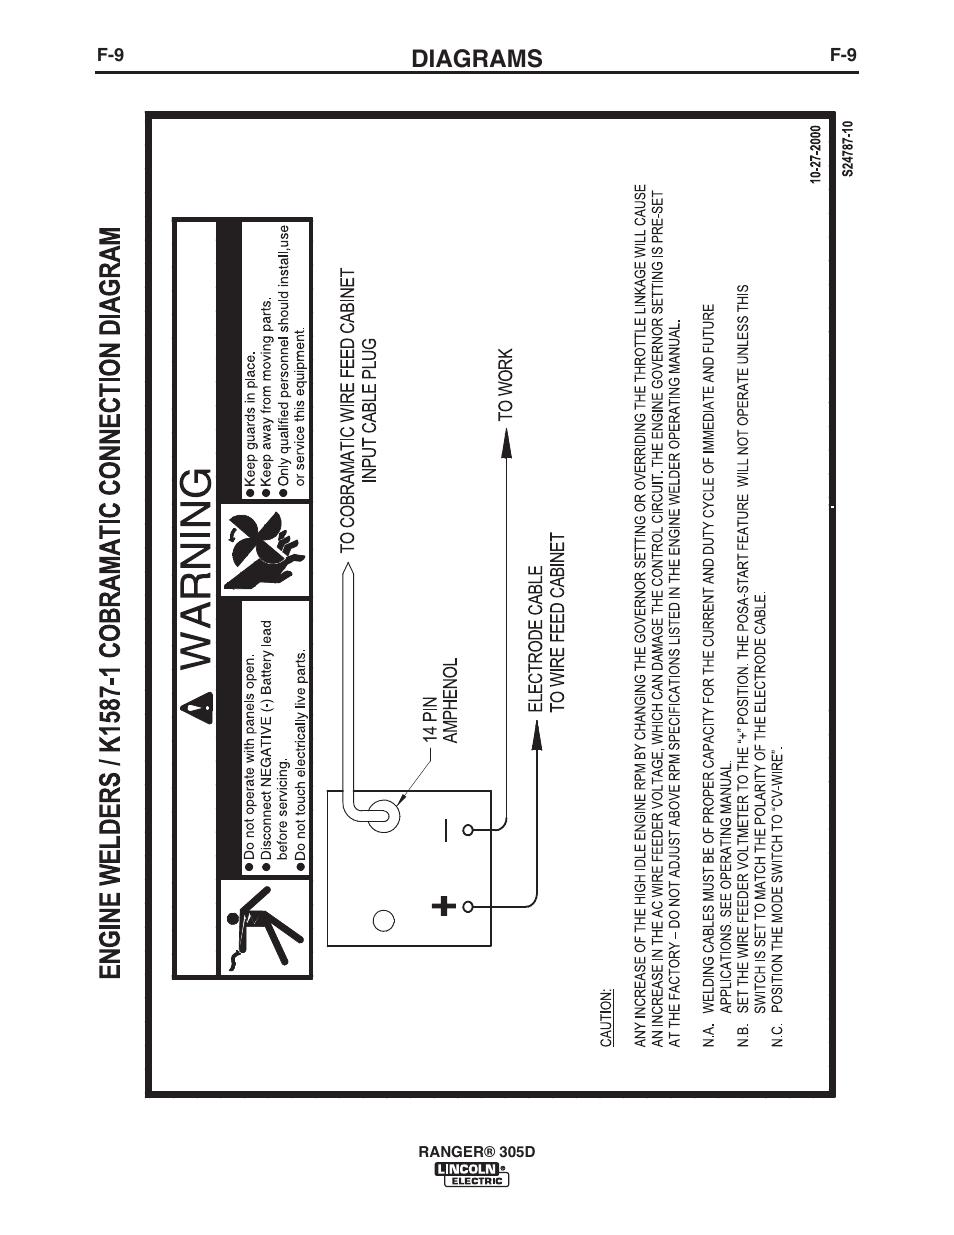 Lincoln Ranger 305d Wiring Diagram Libraries Welder Engine Third Levellincoln Diagrams Schema